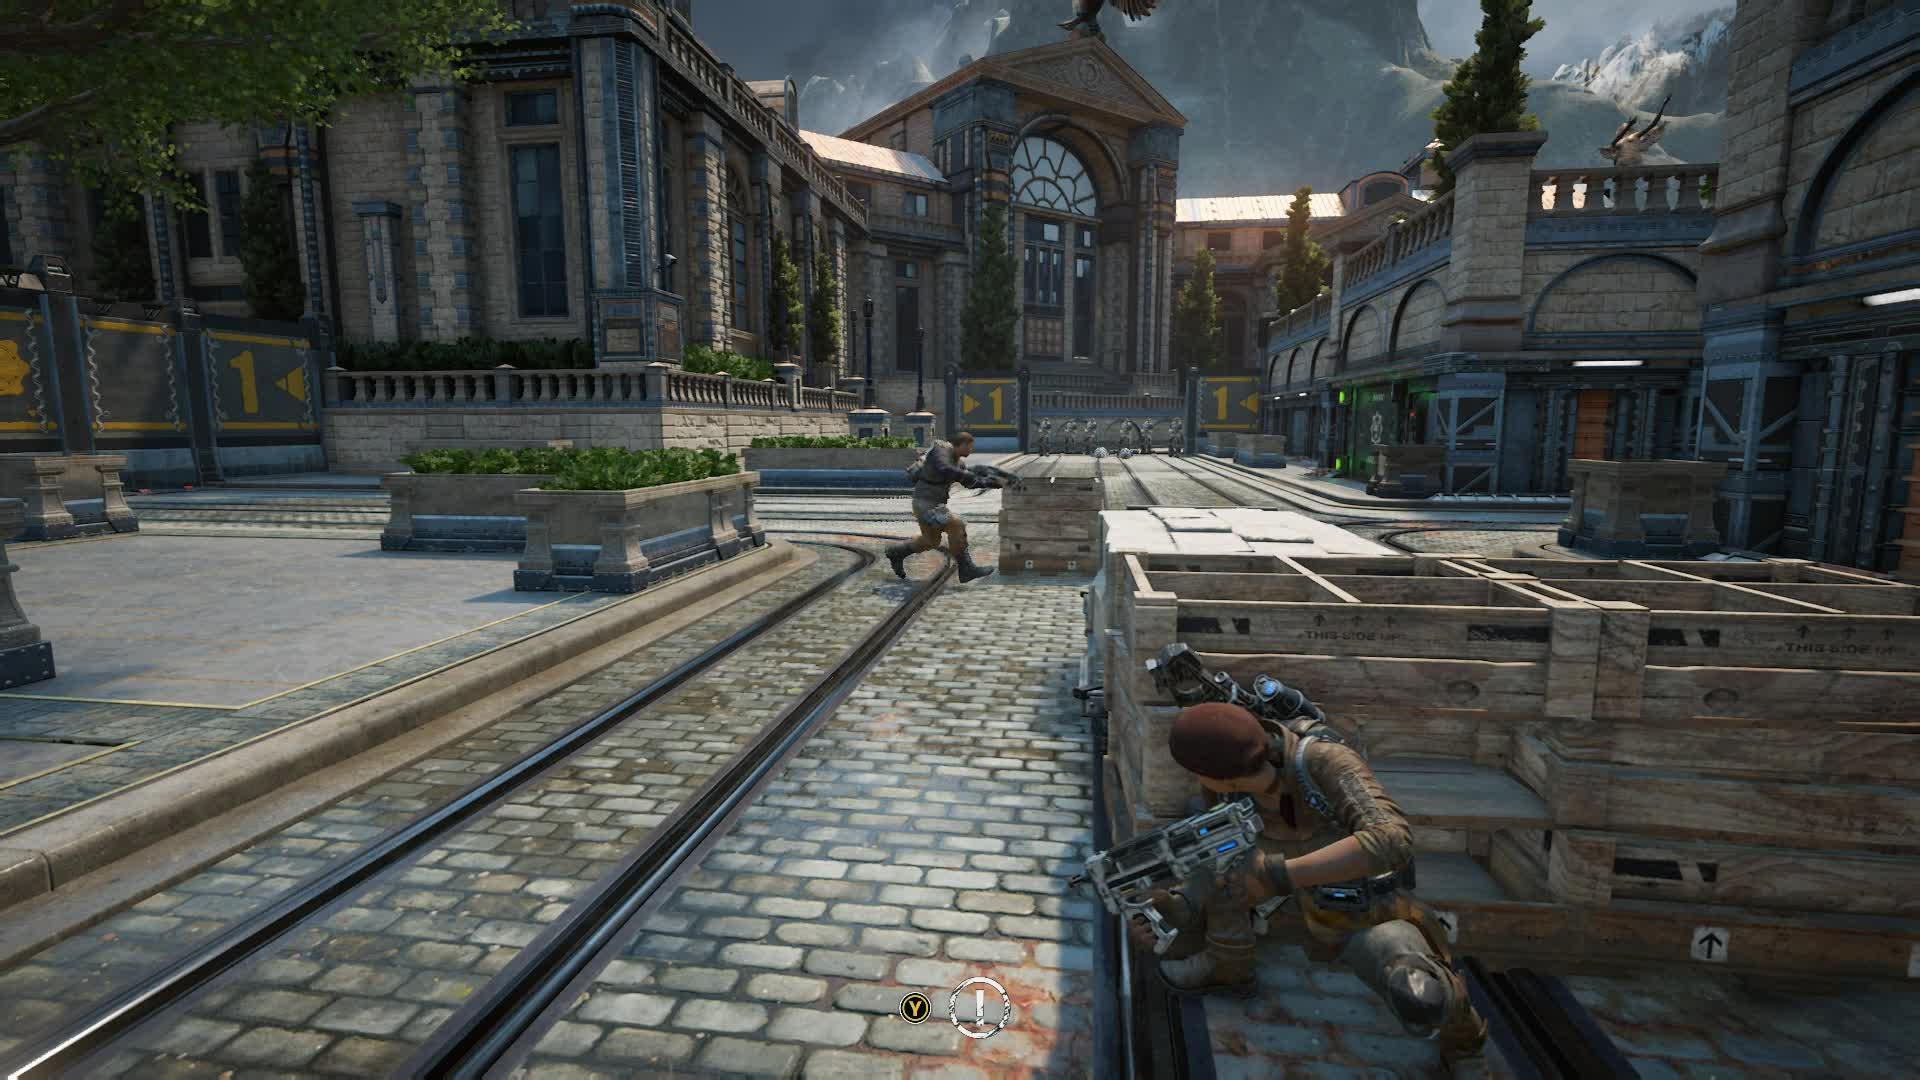 Gears of War 4 GIFs